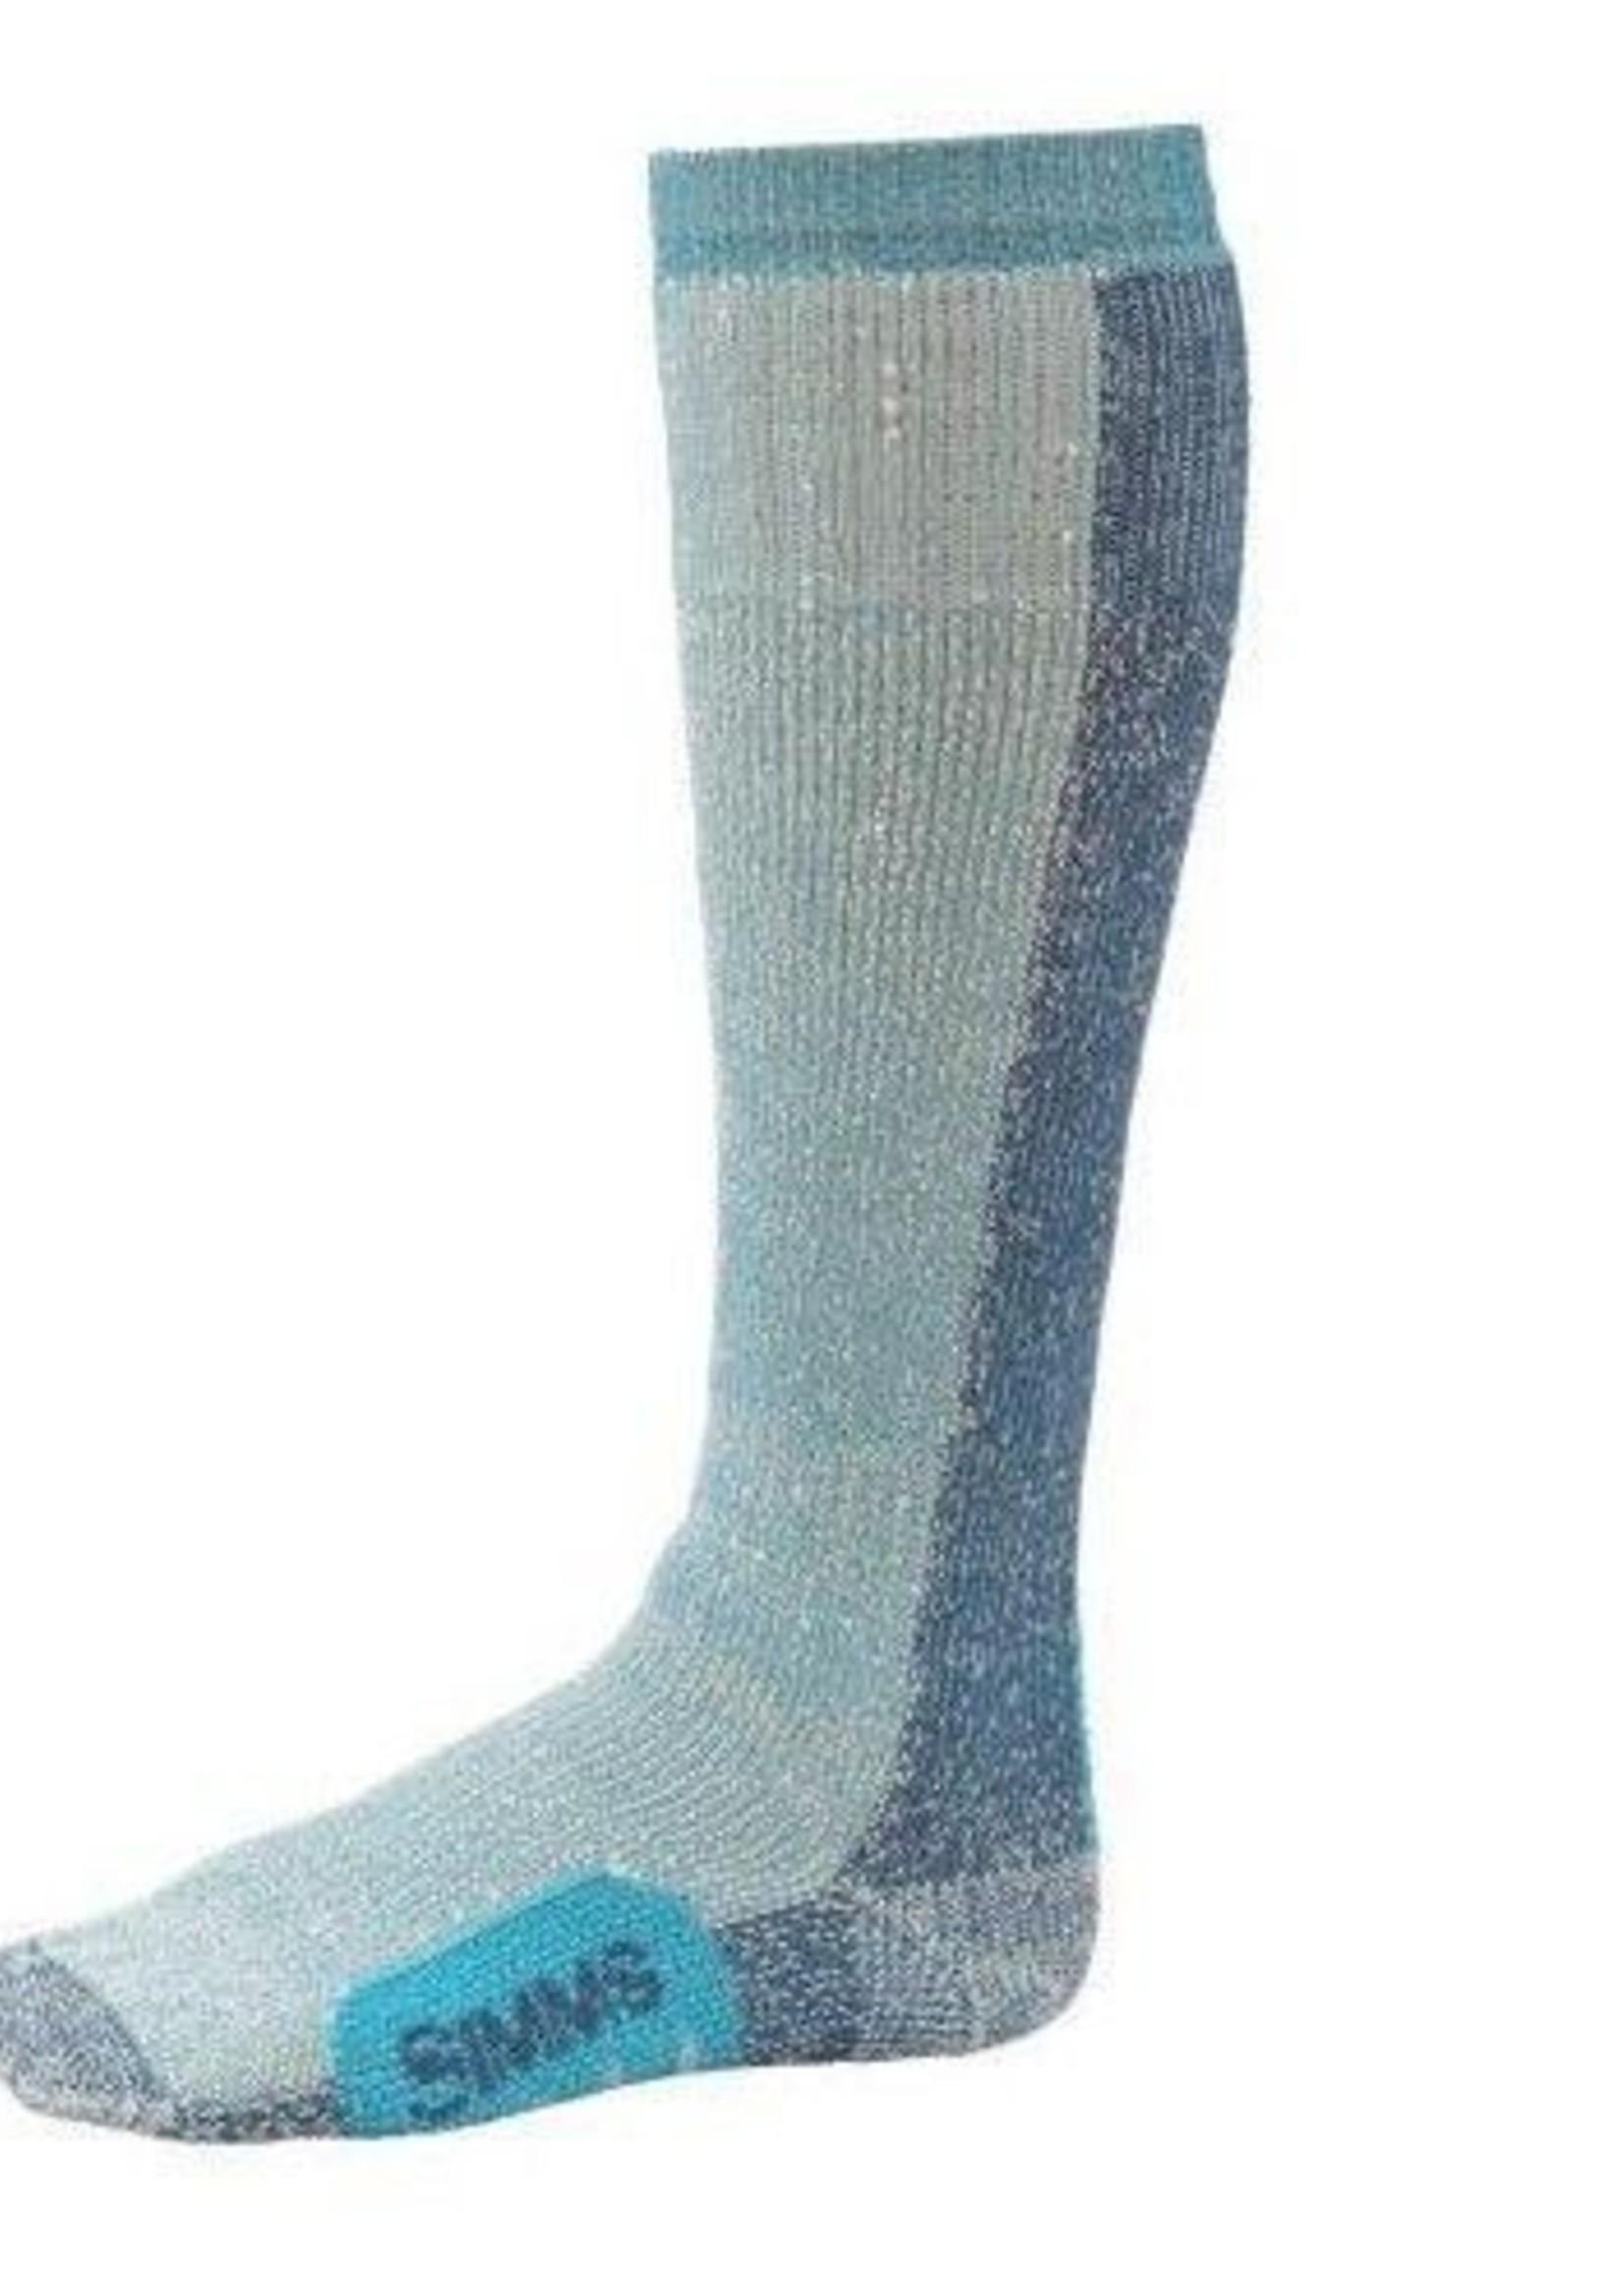 SIMMS Women's Guide Thermal Sock